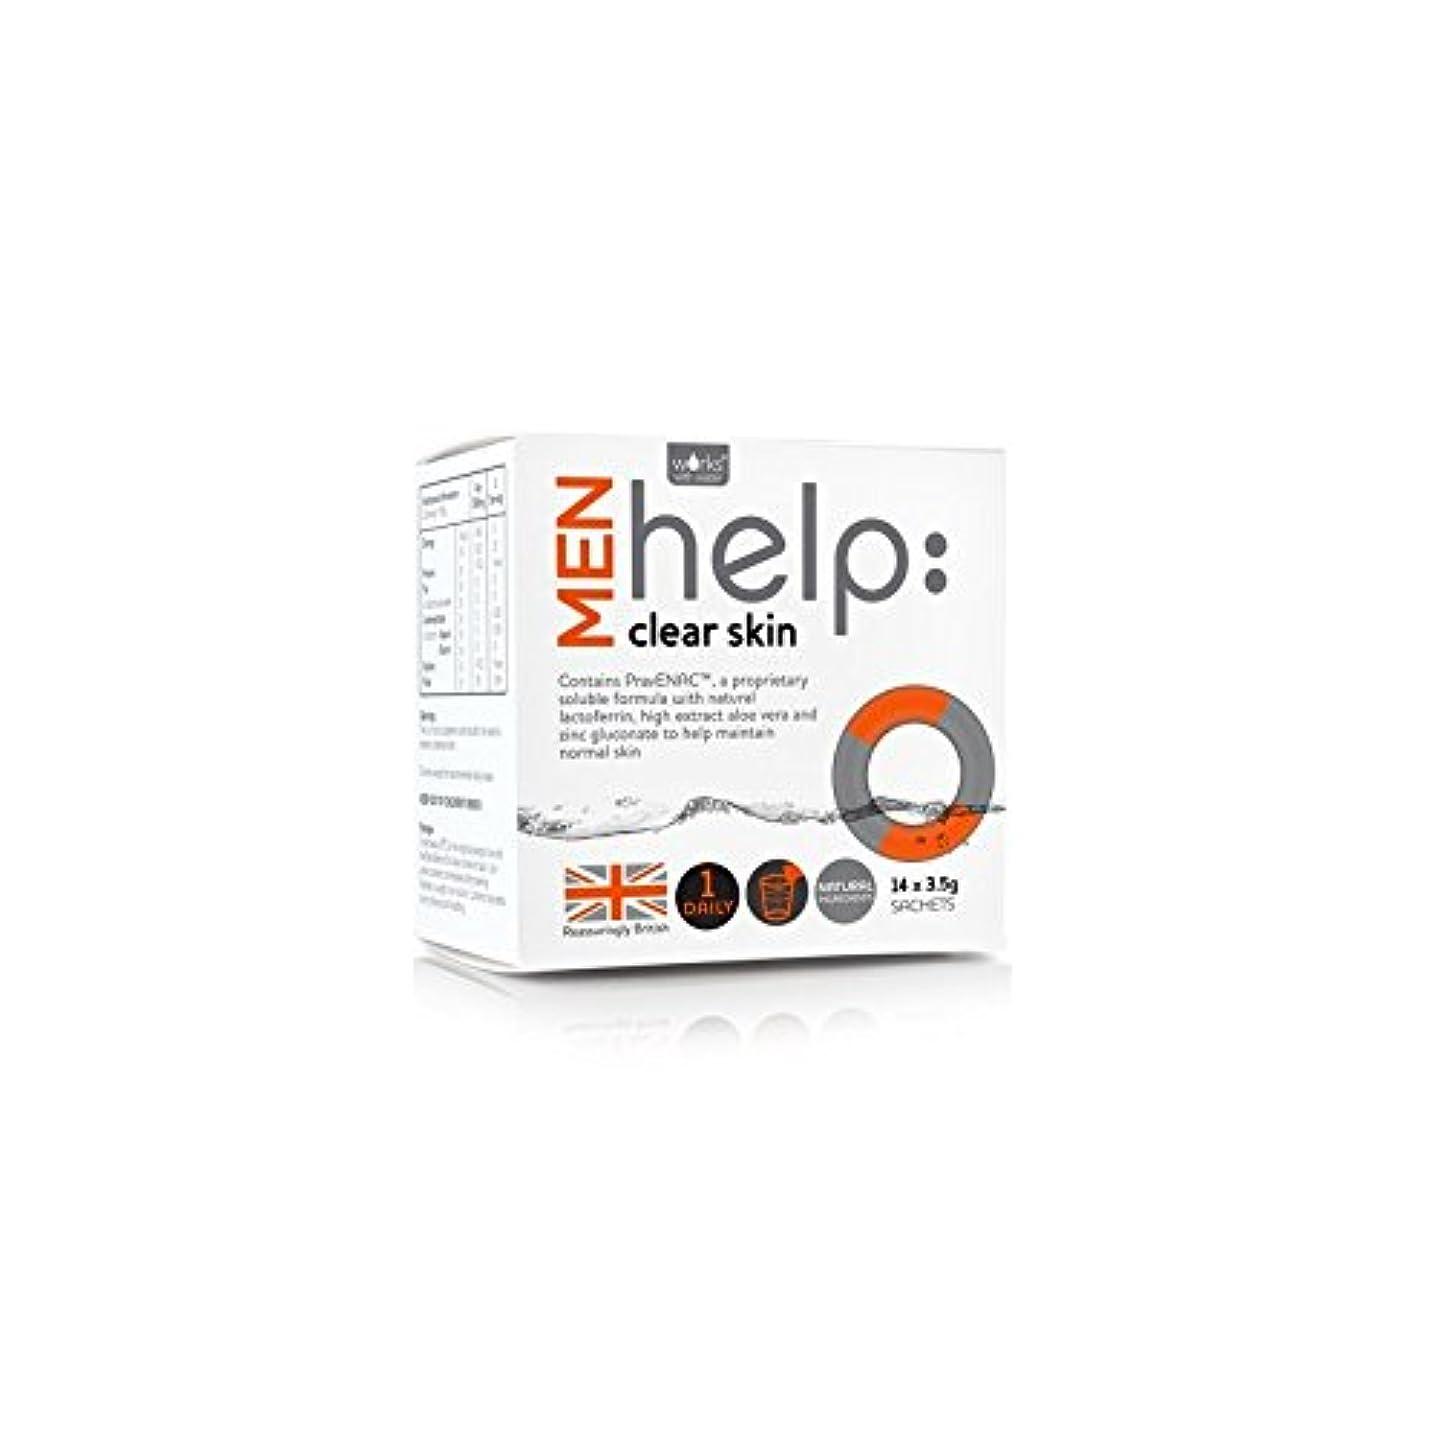 共和国宿泊施設精神的にWorks With Water Men's Help: Clear Skin Soluble Supplement (14 X 3.5G) (Pack of 6) - クリアな肌可溶性サプリメント(14 3.5グラム):水男性の助けを借りて動作します x6 [並行輸入品]